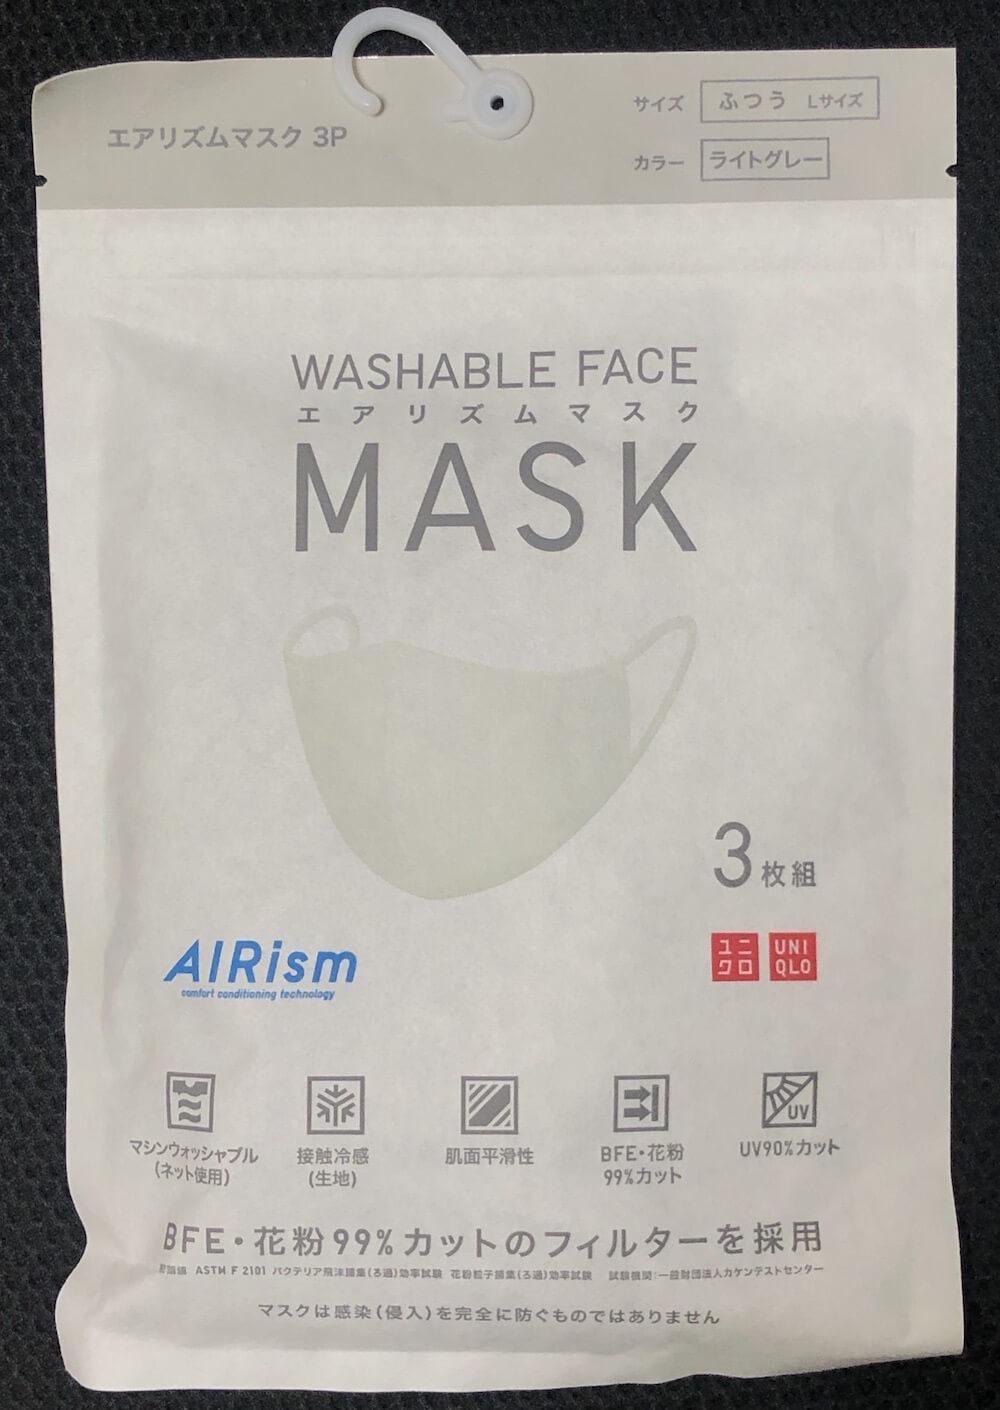 ユニクロ エアリズムマスク パッケージ